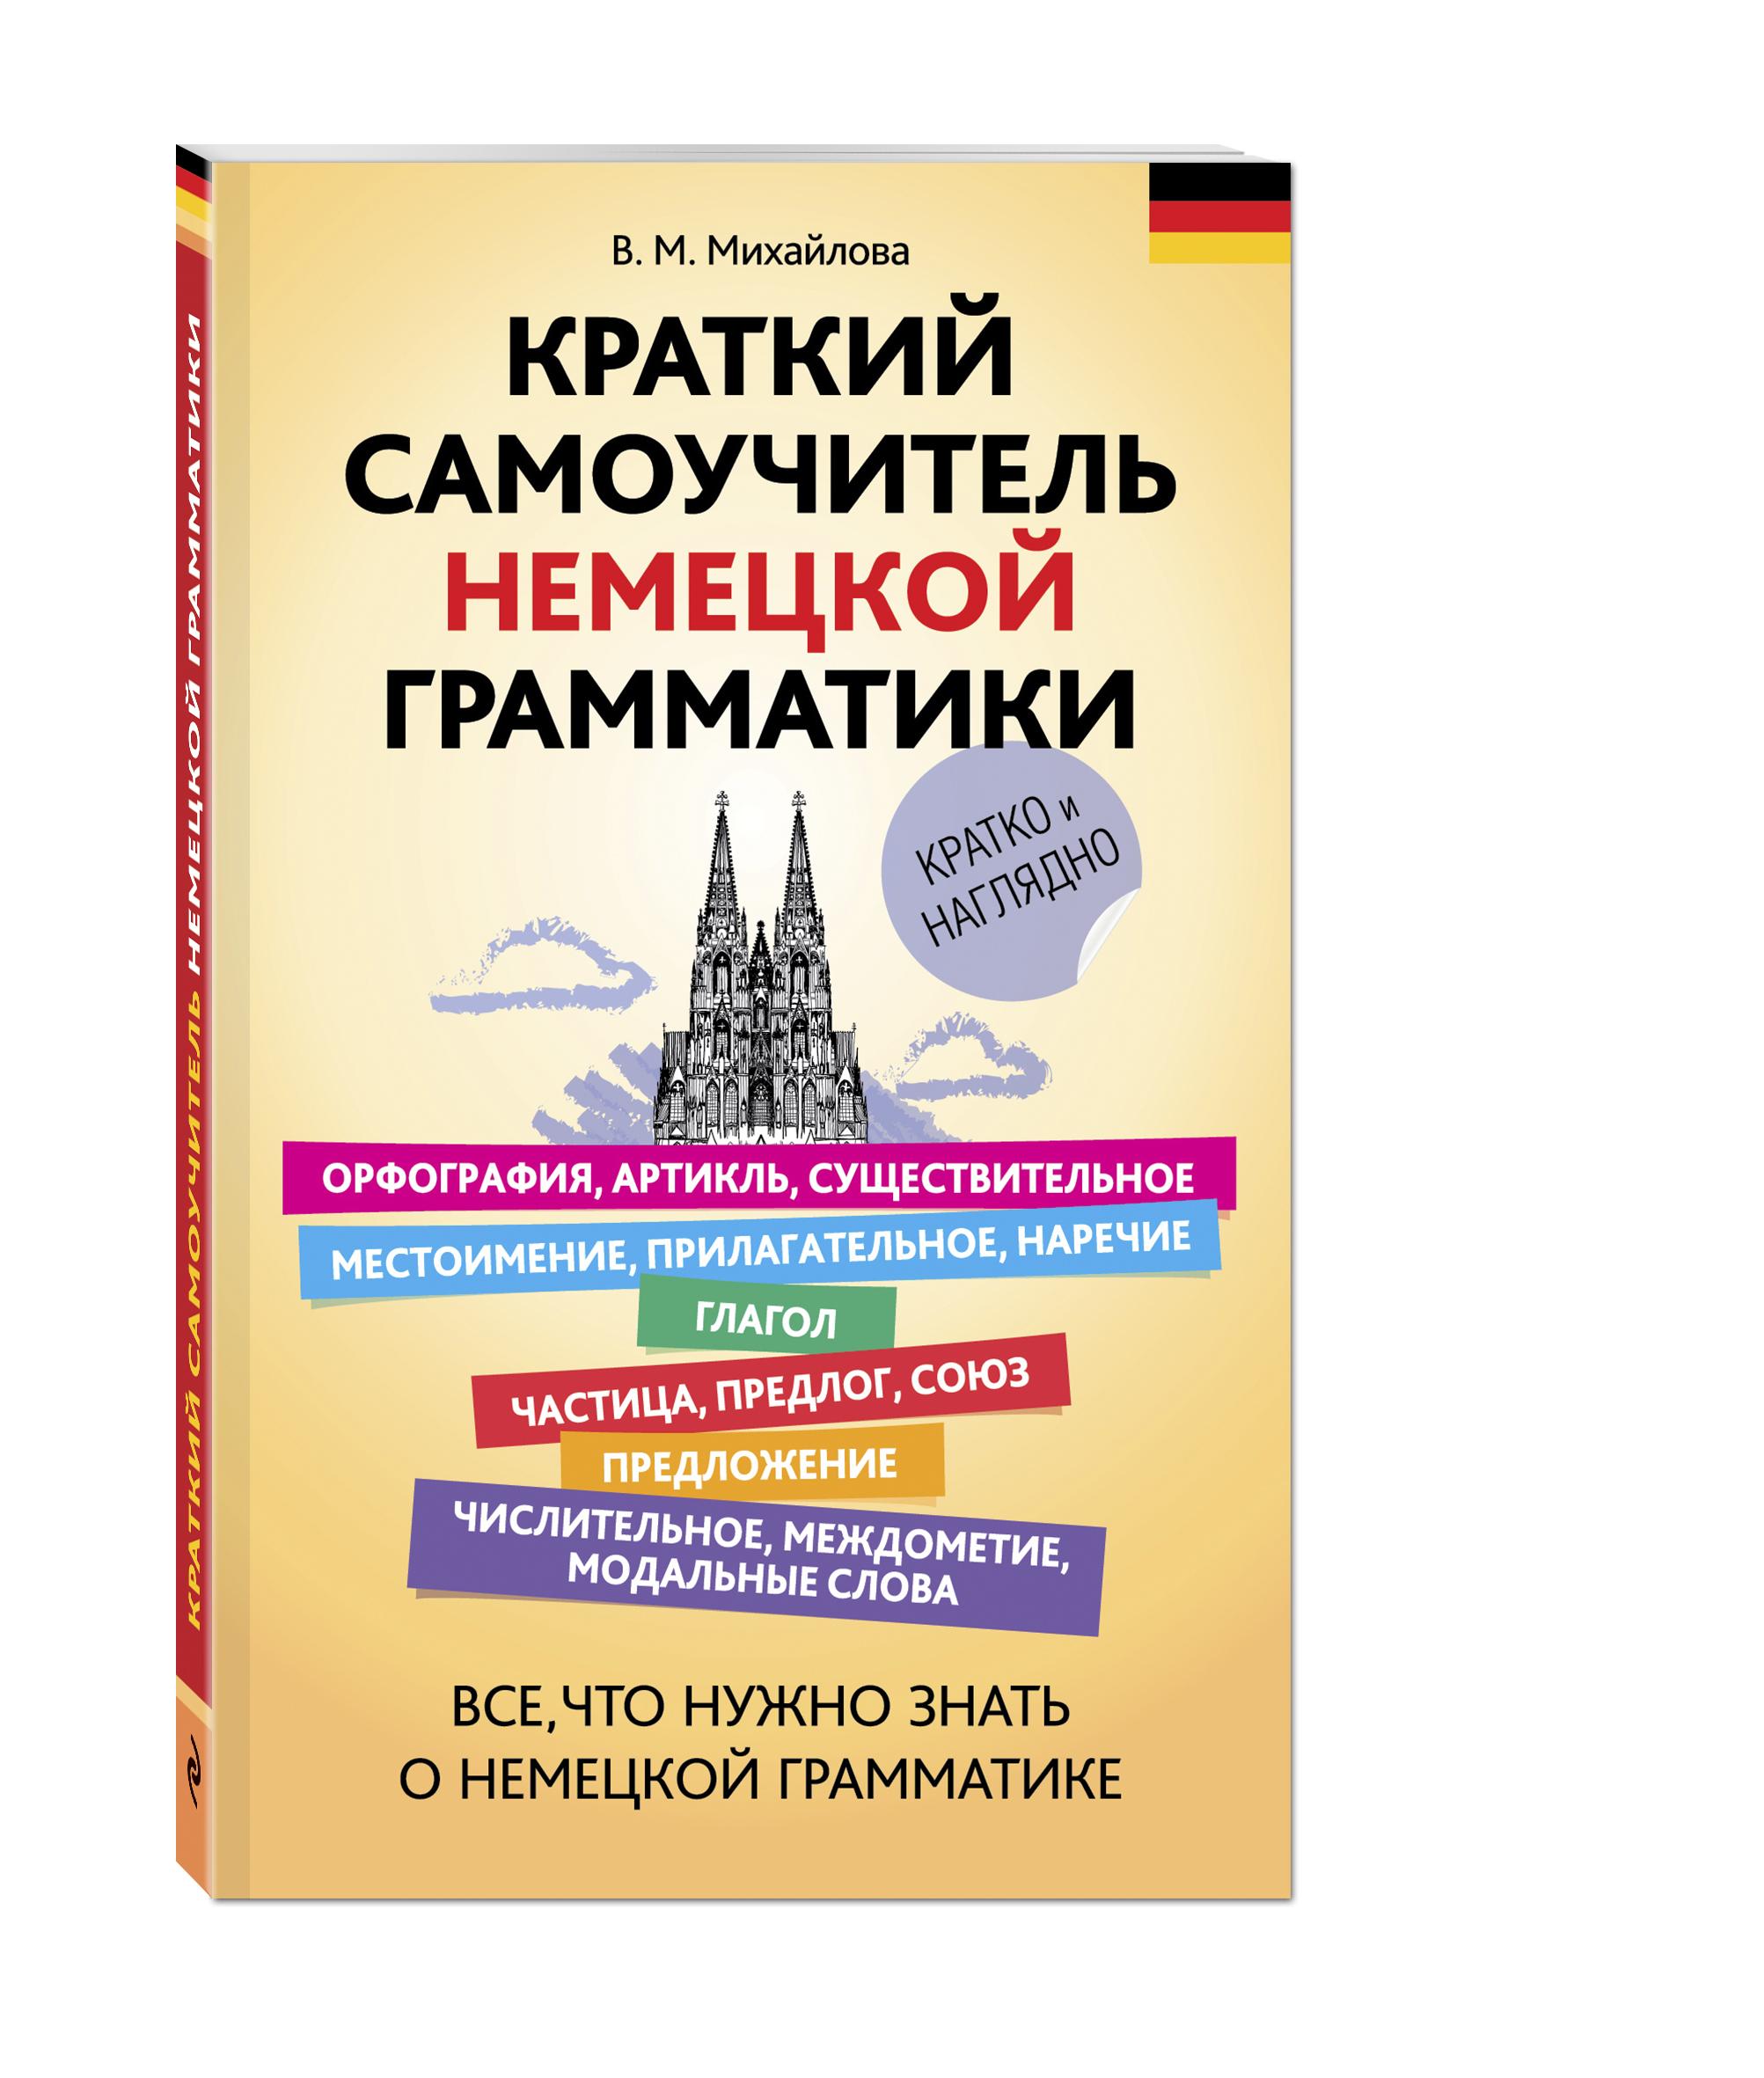 Краткий самоучитель немецкой грамматики ( Михайлова В.М.  )